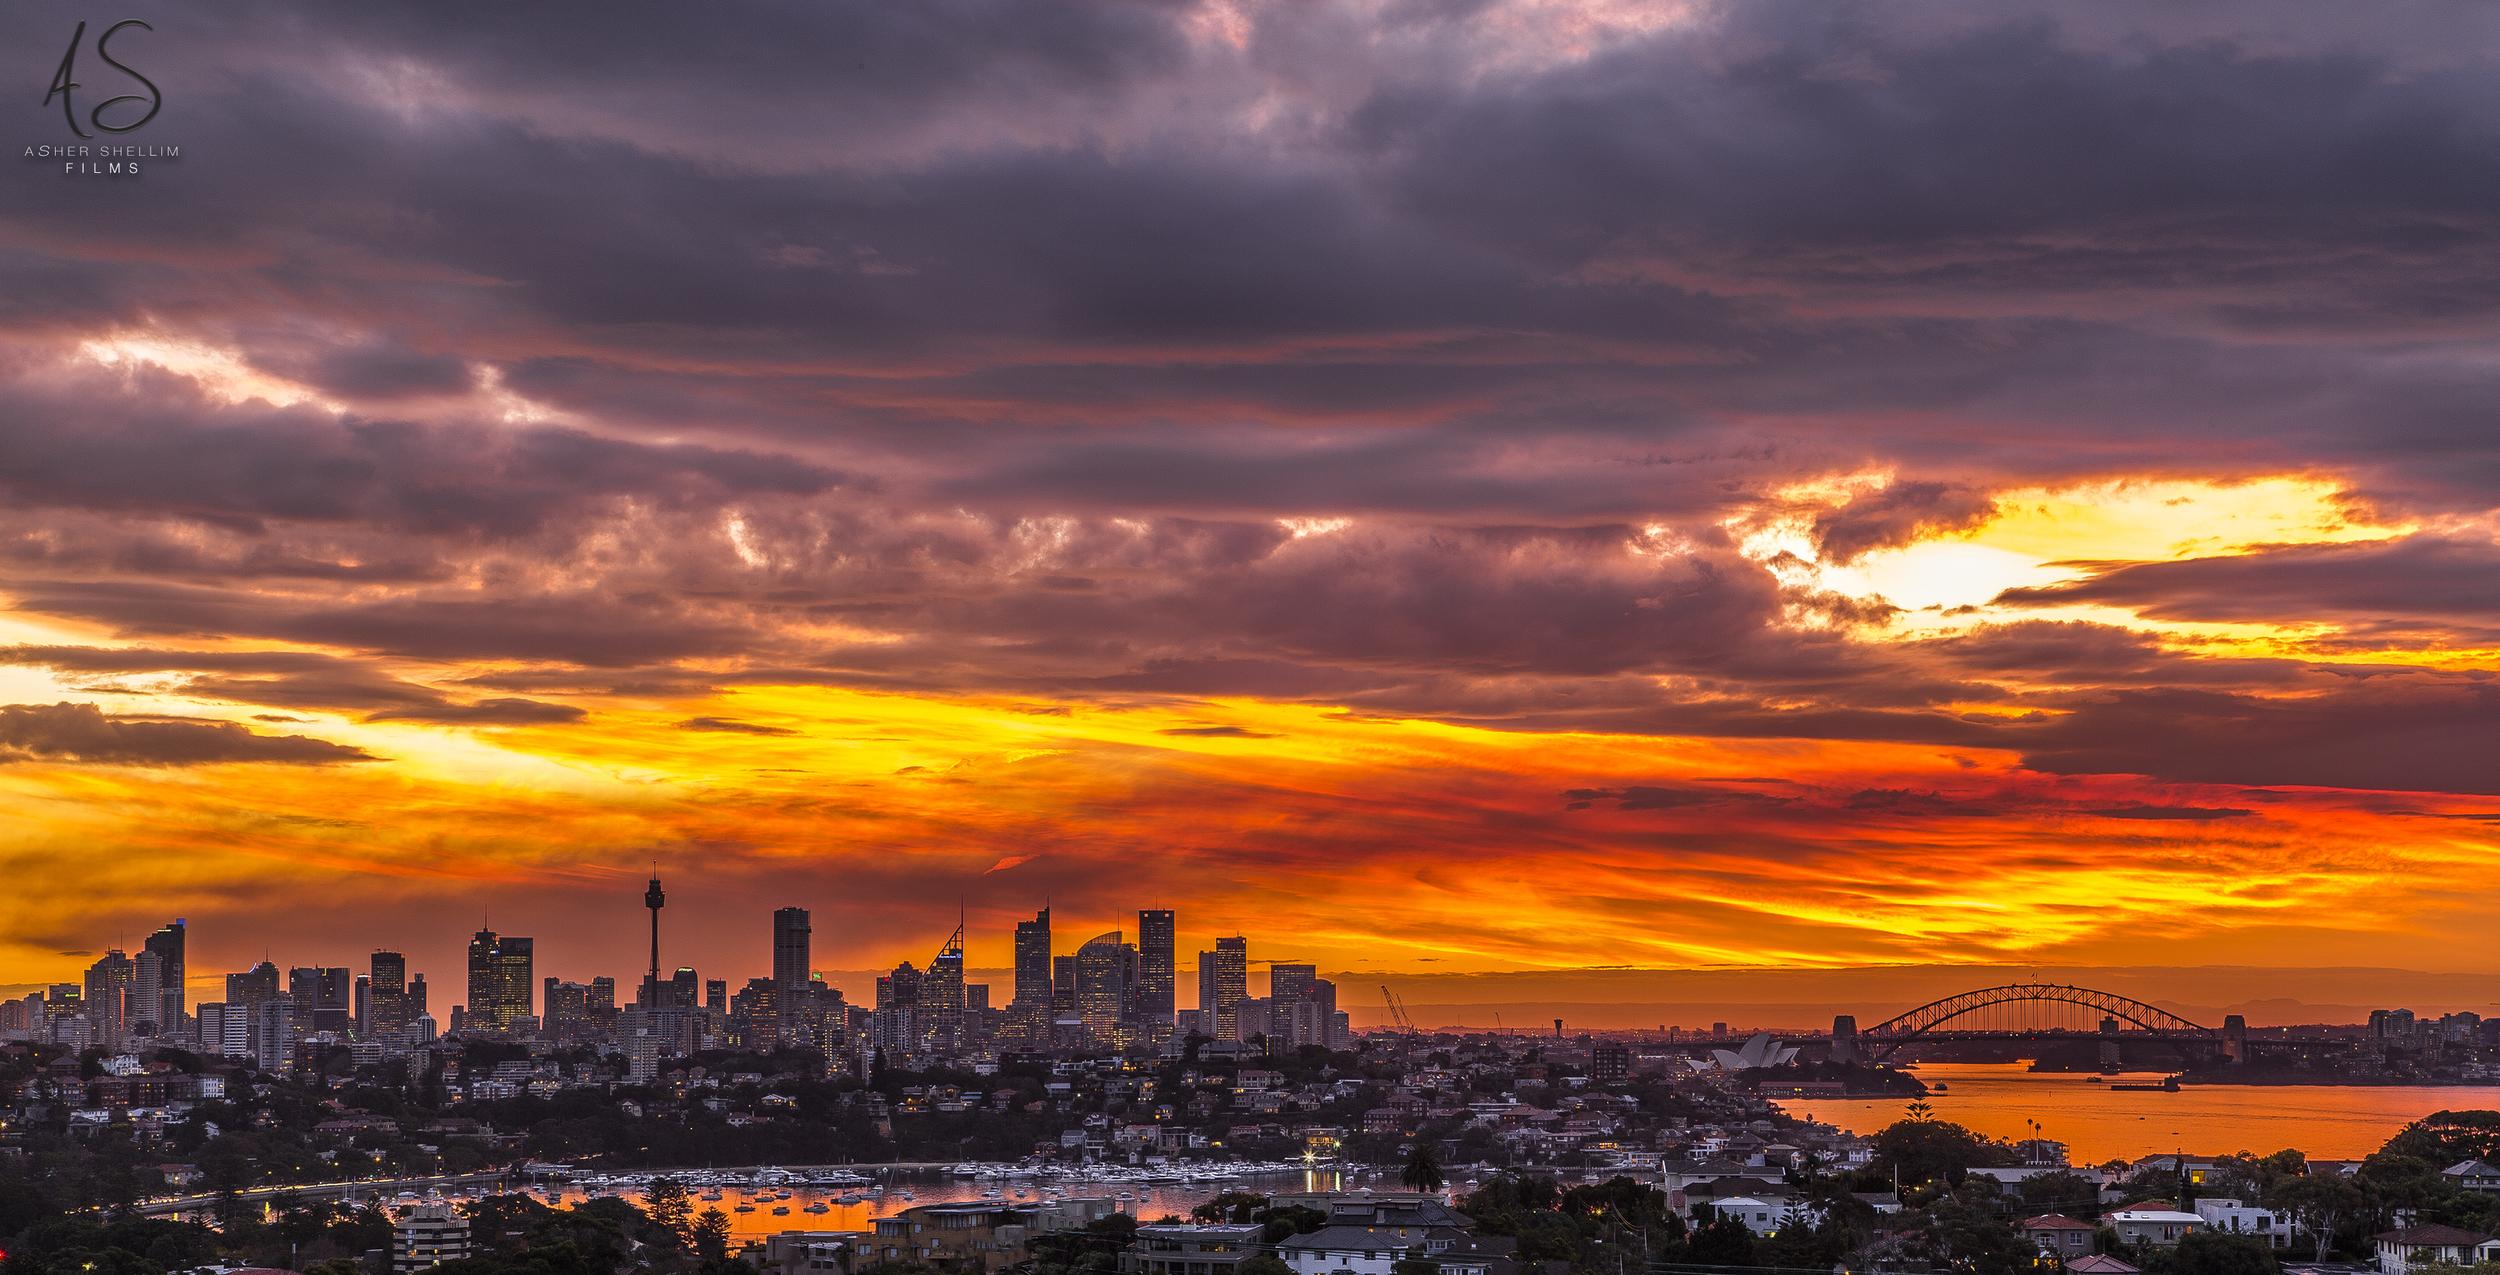 'Autumn Set'  - Sydney 5:10 Pm, 20 May 2014